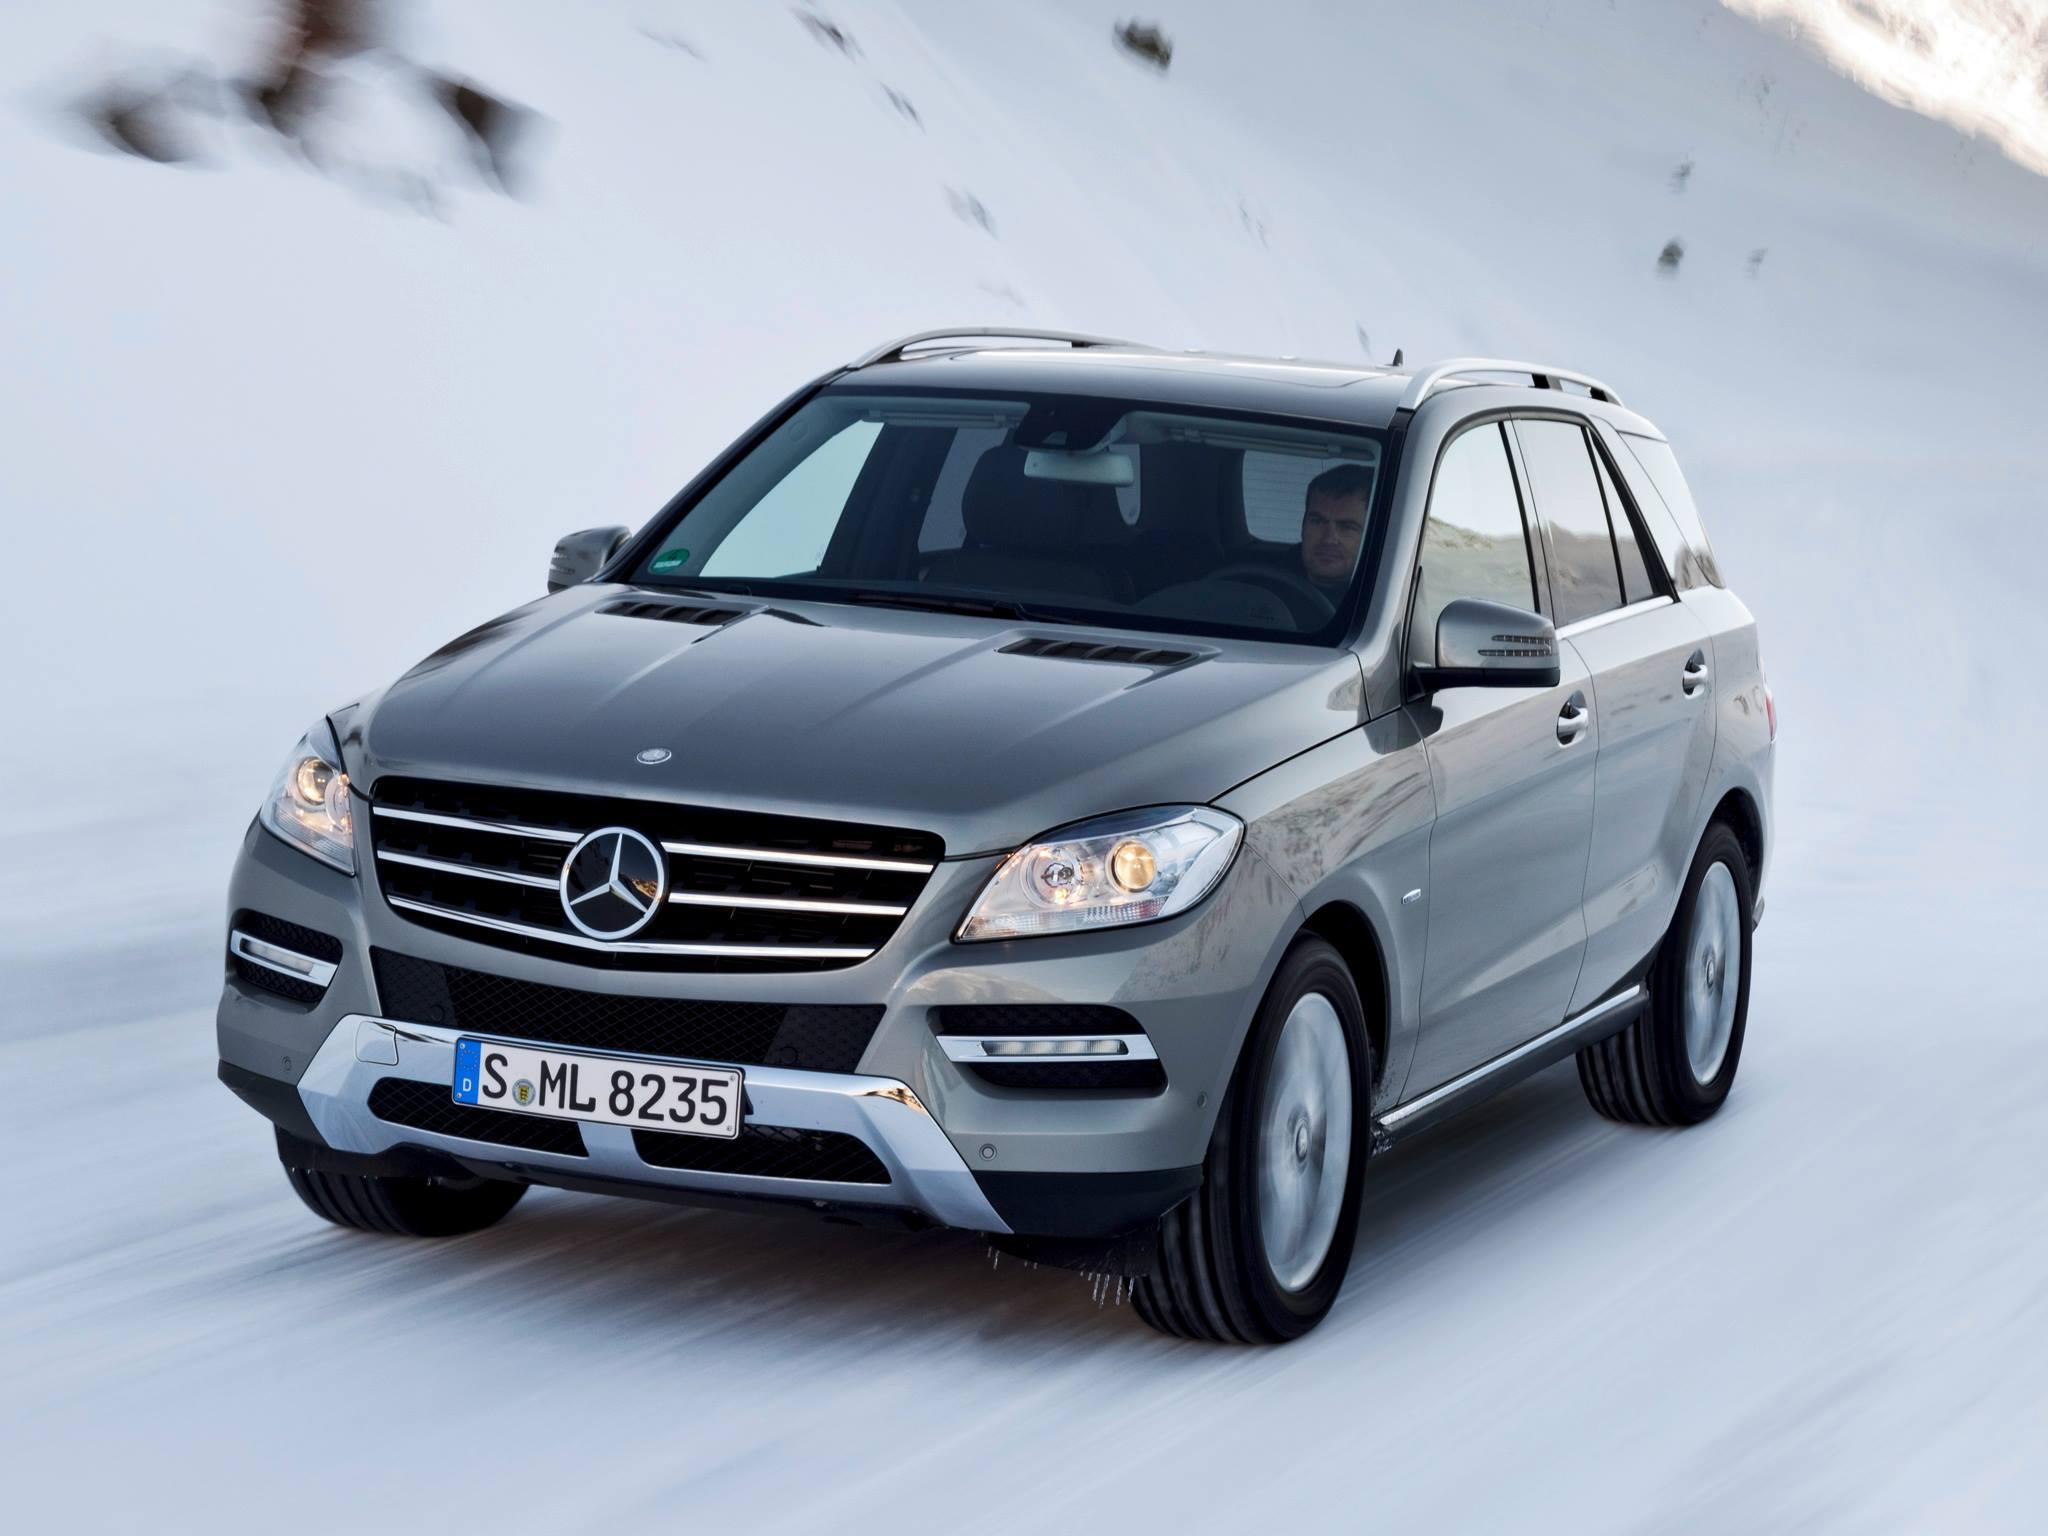 Cento e oitenta e seis unidades dos modelos Mercedes GL, GLE, GLS e ML foram convocadas para reparar um problema no reservatório de óleo da suspensão ativa.